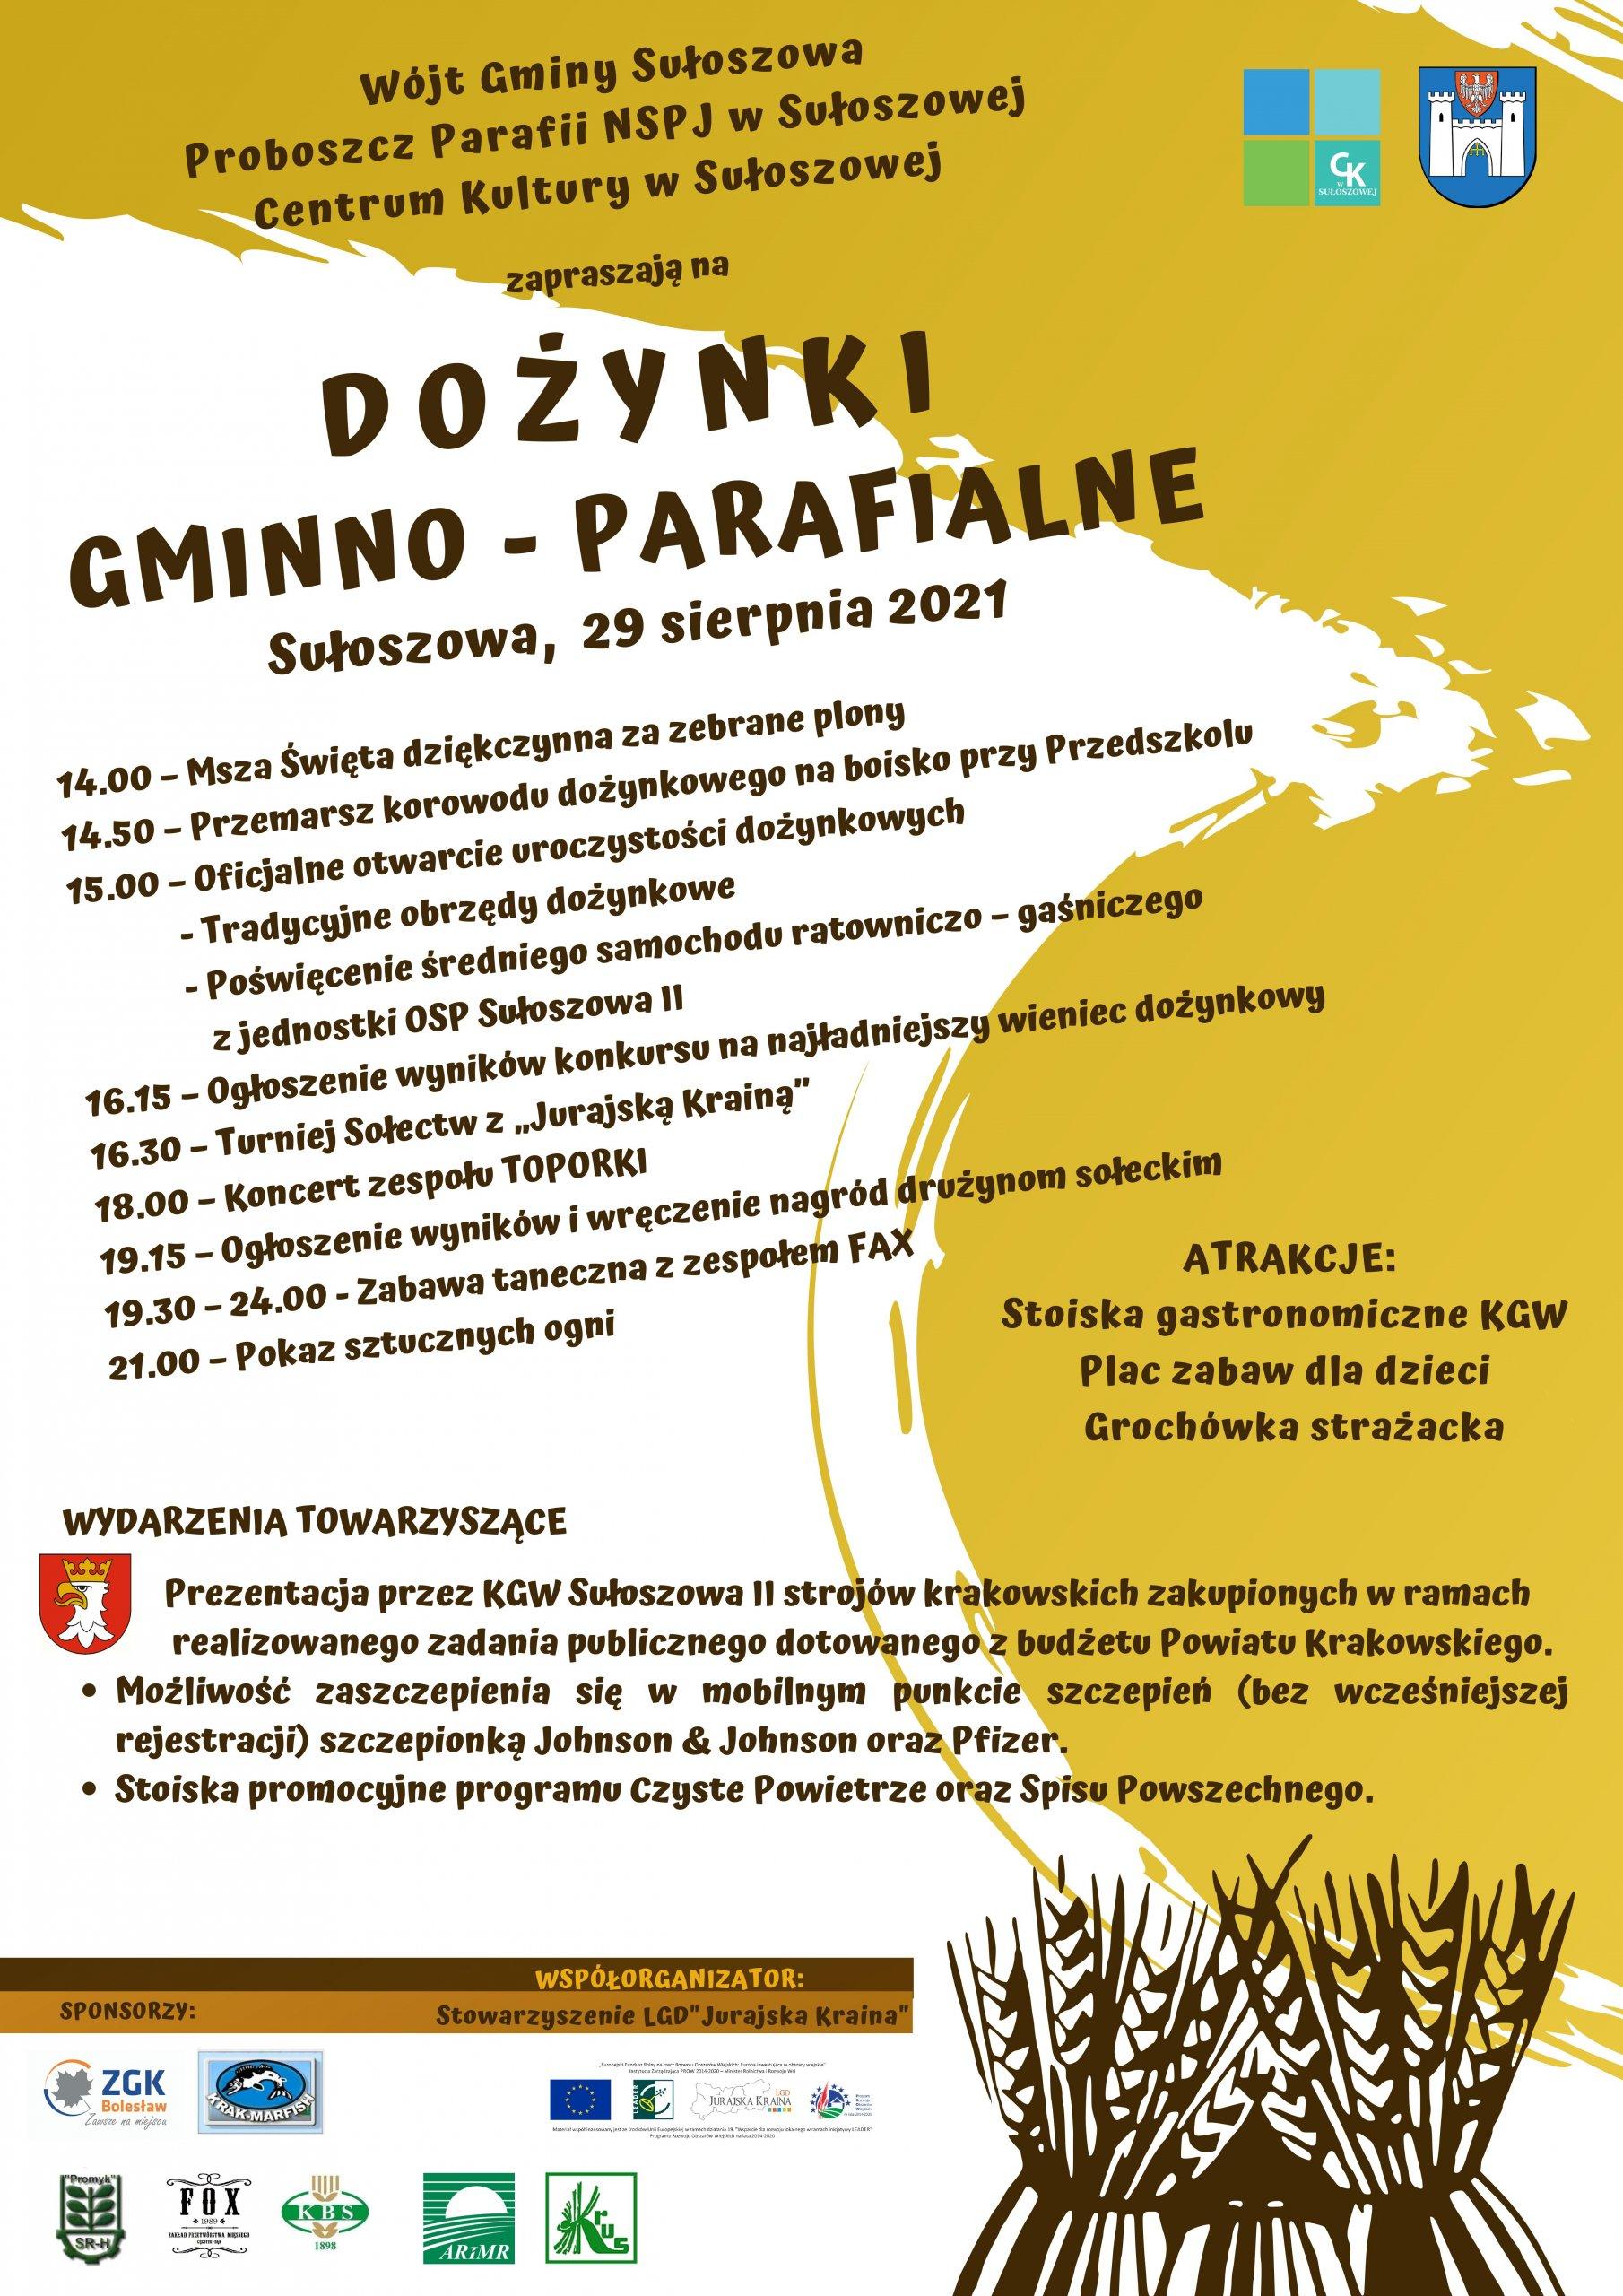 Dożynki gminno-parafialne w Sułoszowej